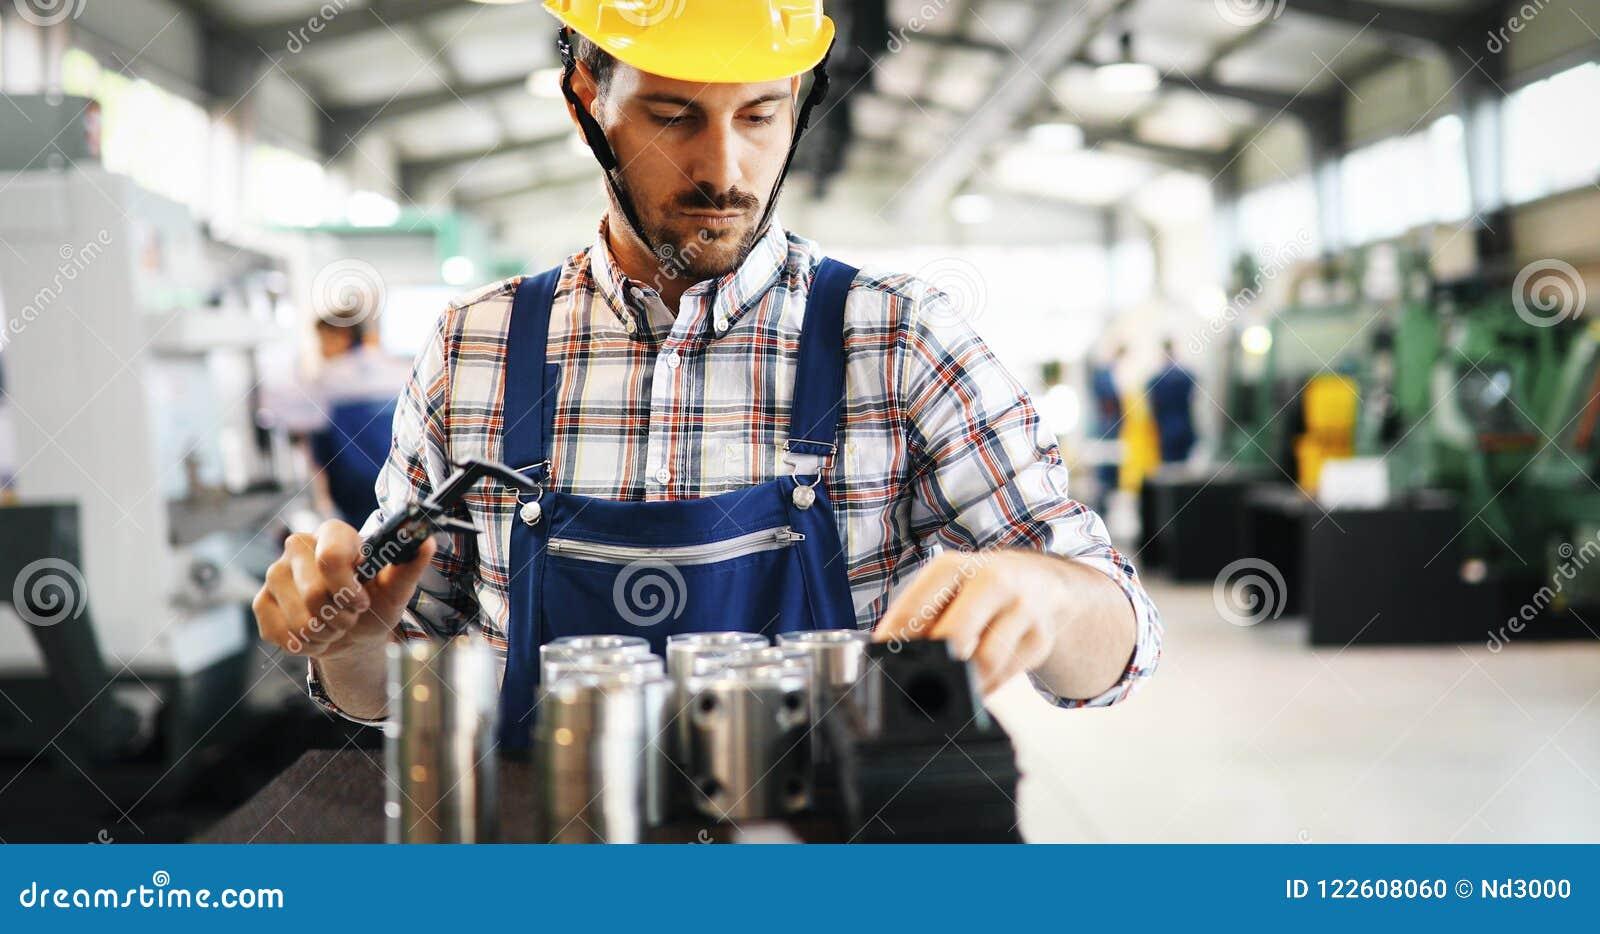 Moderne Industriële Machineexploitant die in Fabriek werken